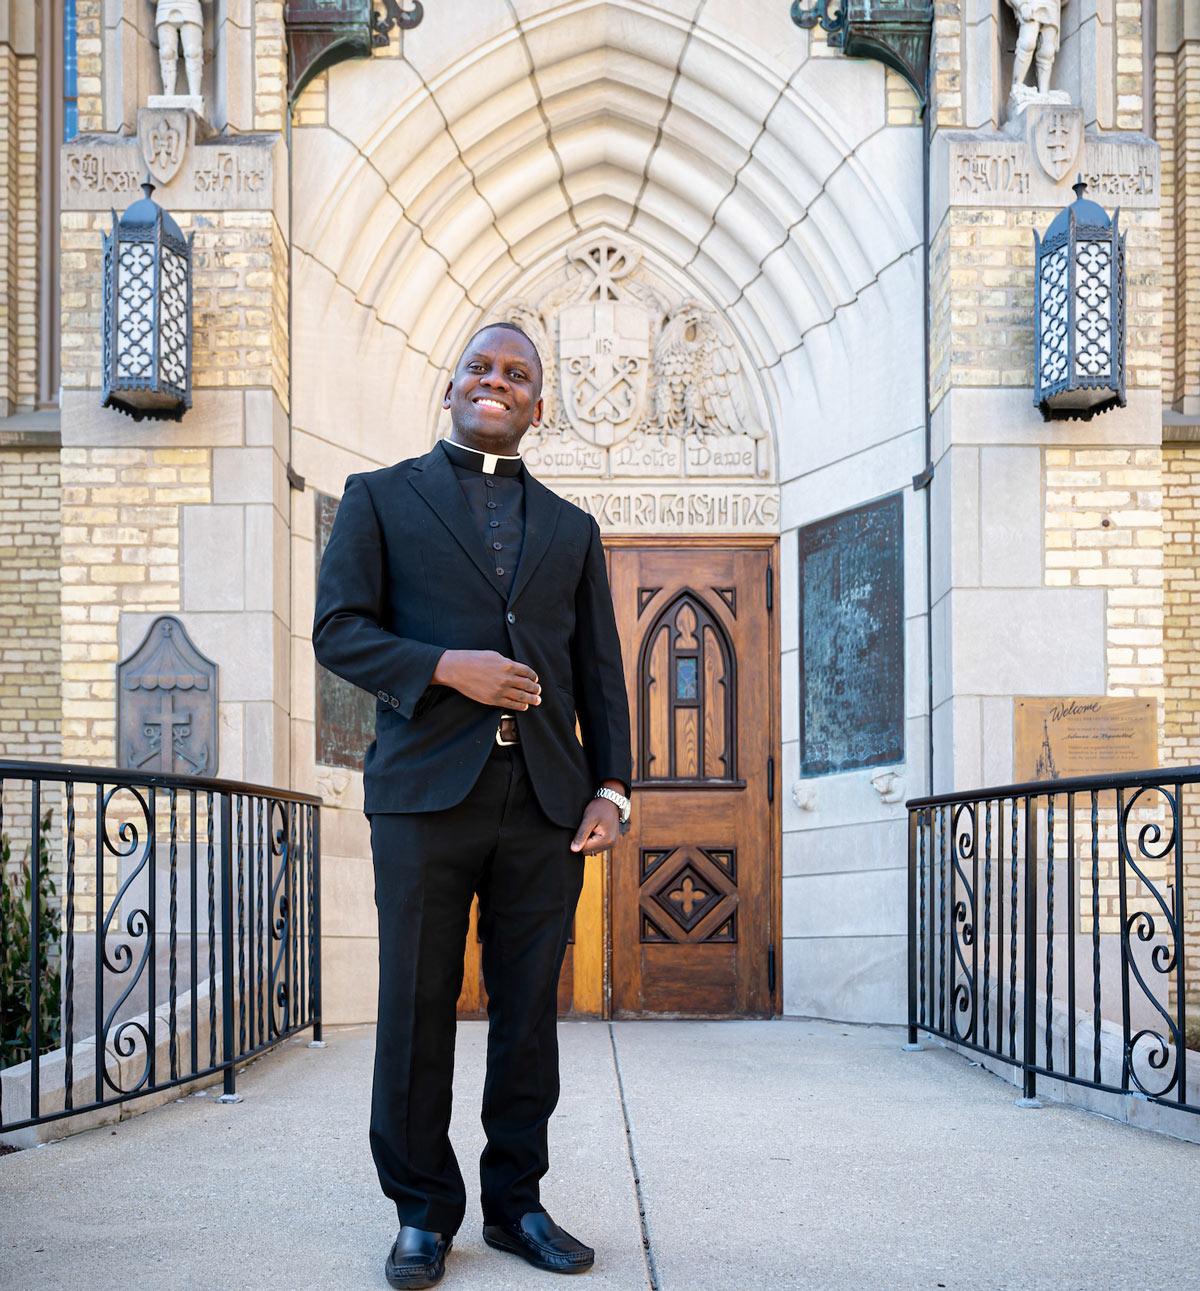 Fr. Arthur Ssembajja standing in front of chapple doors